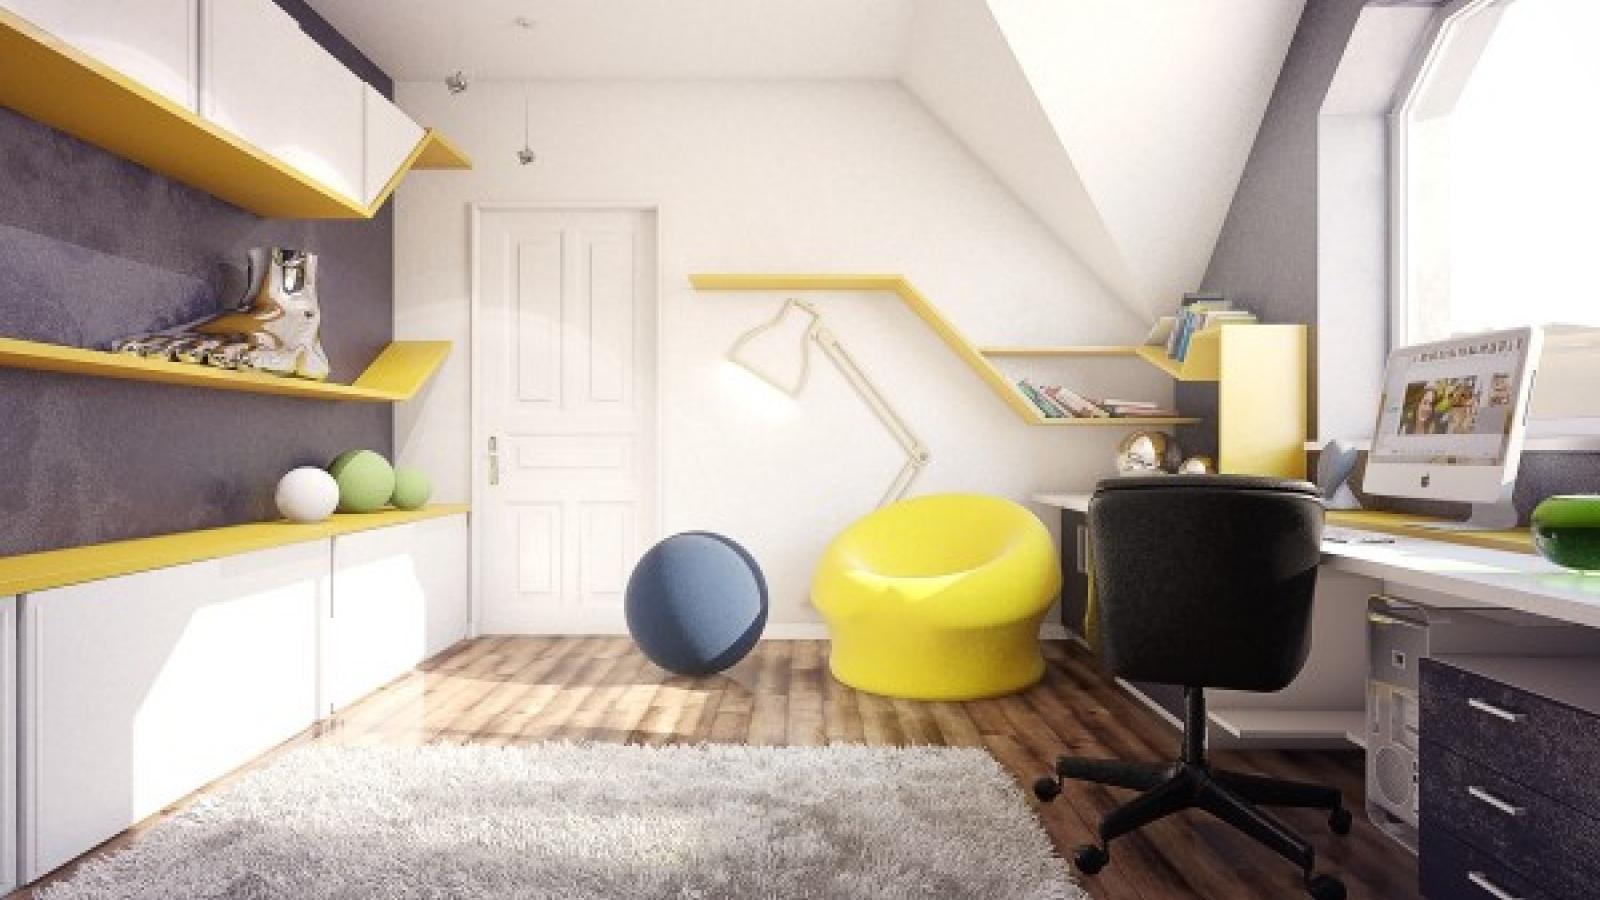 Những mẫu phòng ngủ đầy sáng tạo mà bạn nhỏ nào cũng thích